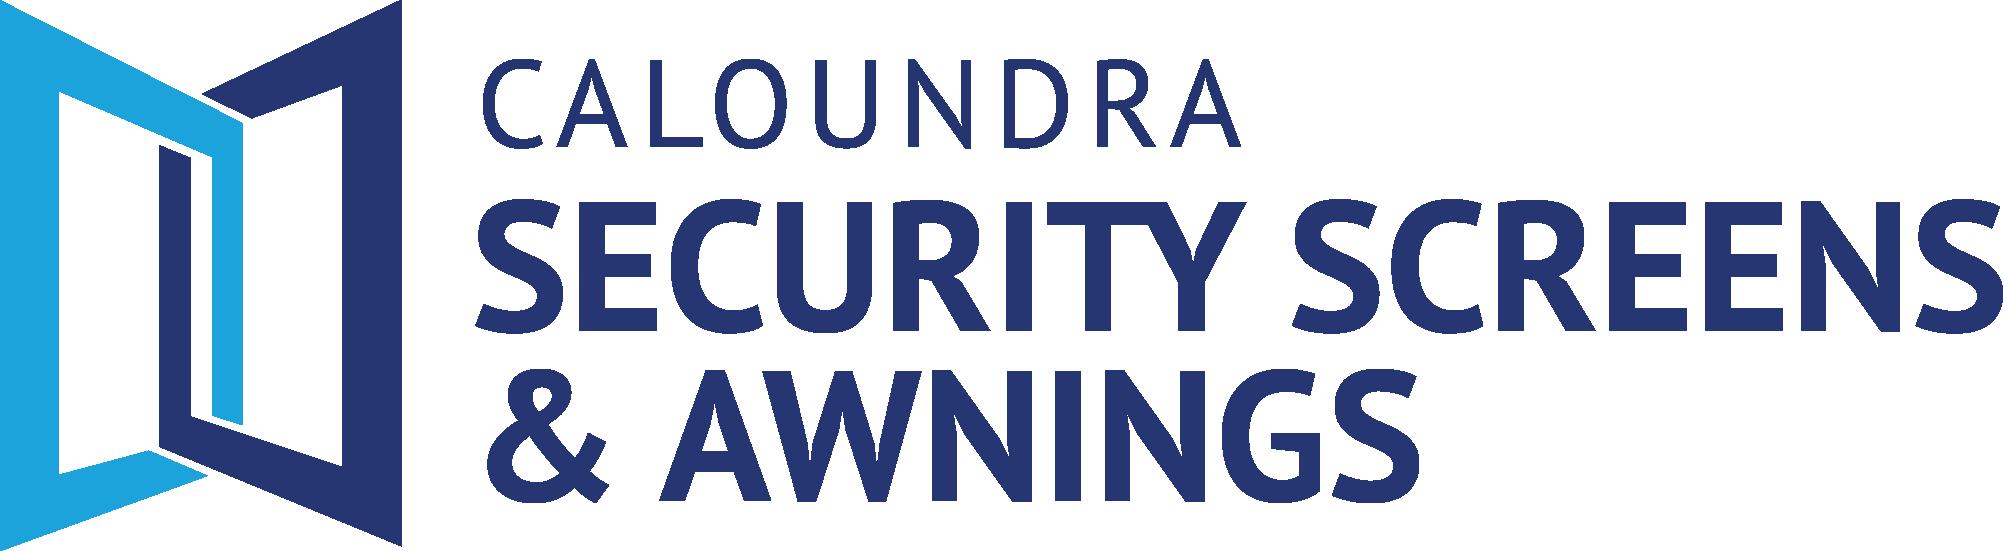 Caloundra Security Screens